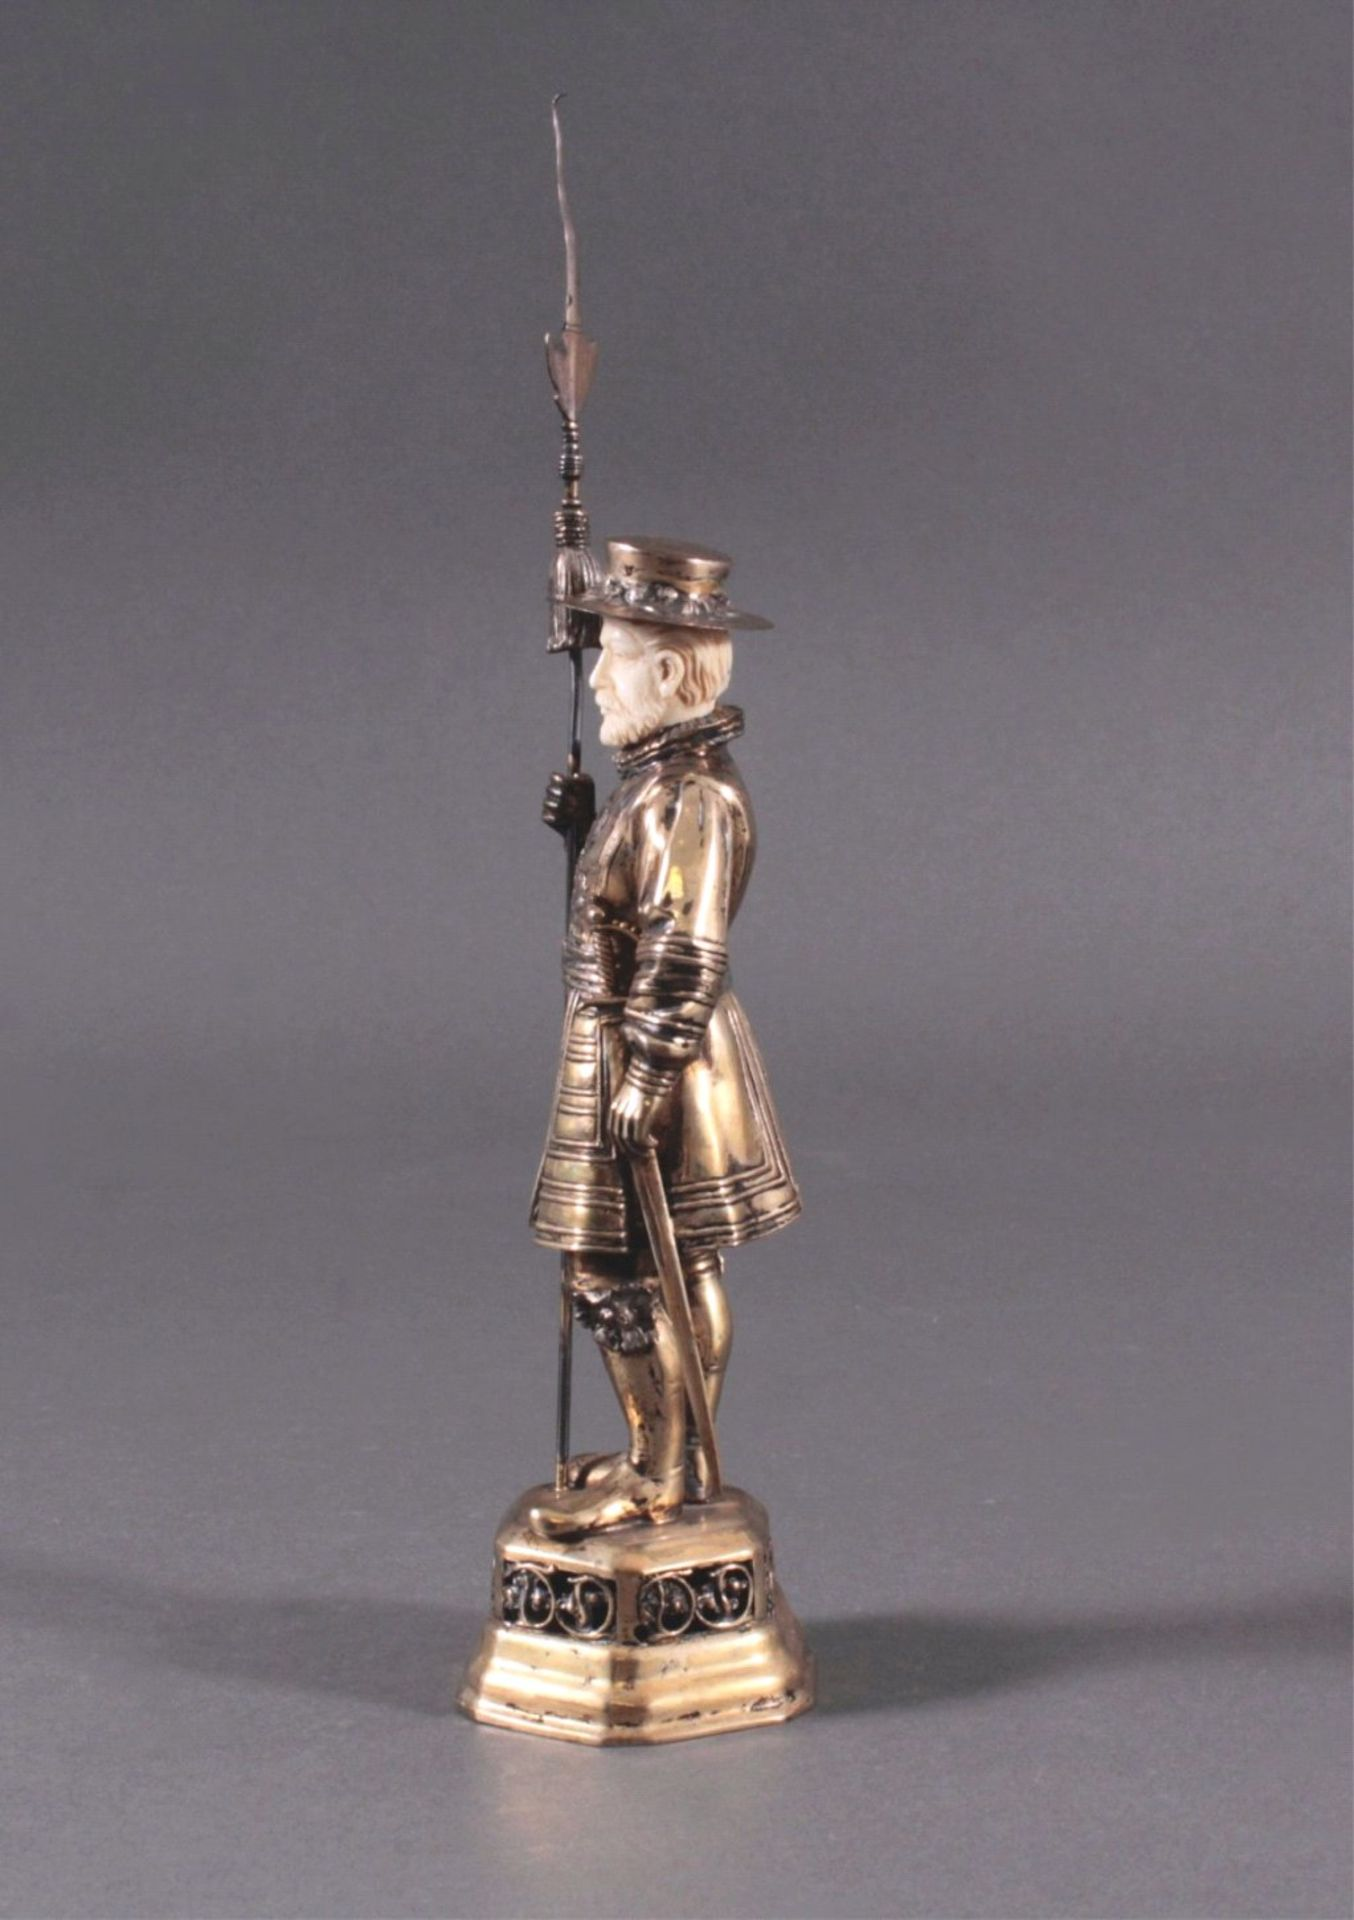 Historismus-Silber-Elfenbein-Figur925er, teilvergoldet/Elfenbein, um 1900 auf durchbrochenem, - Bild 2 aus 6